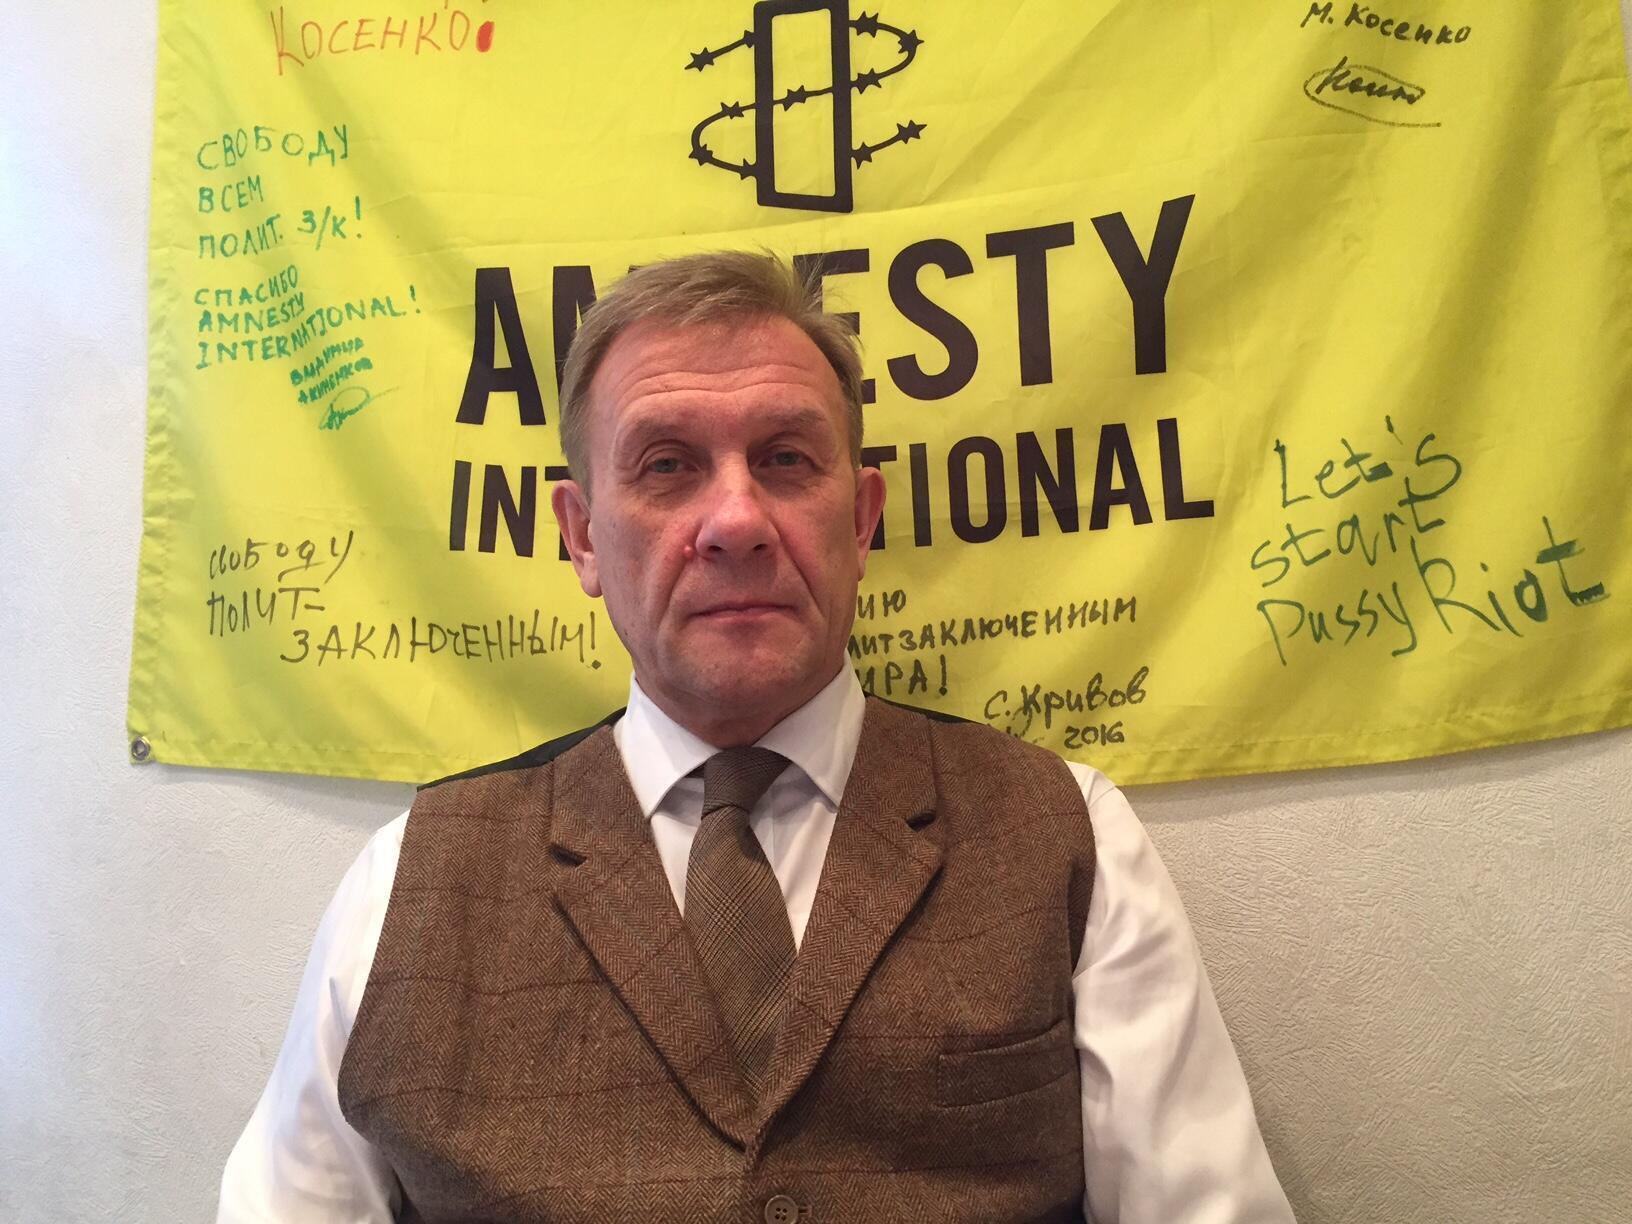 Сергей Никитин в московском офисе Amnesty International, 2 декабря 2016 года